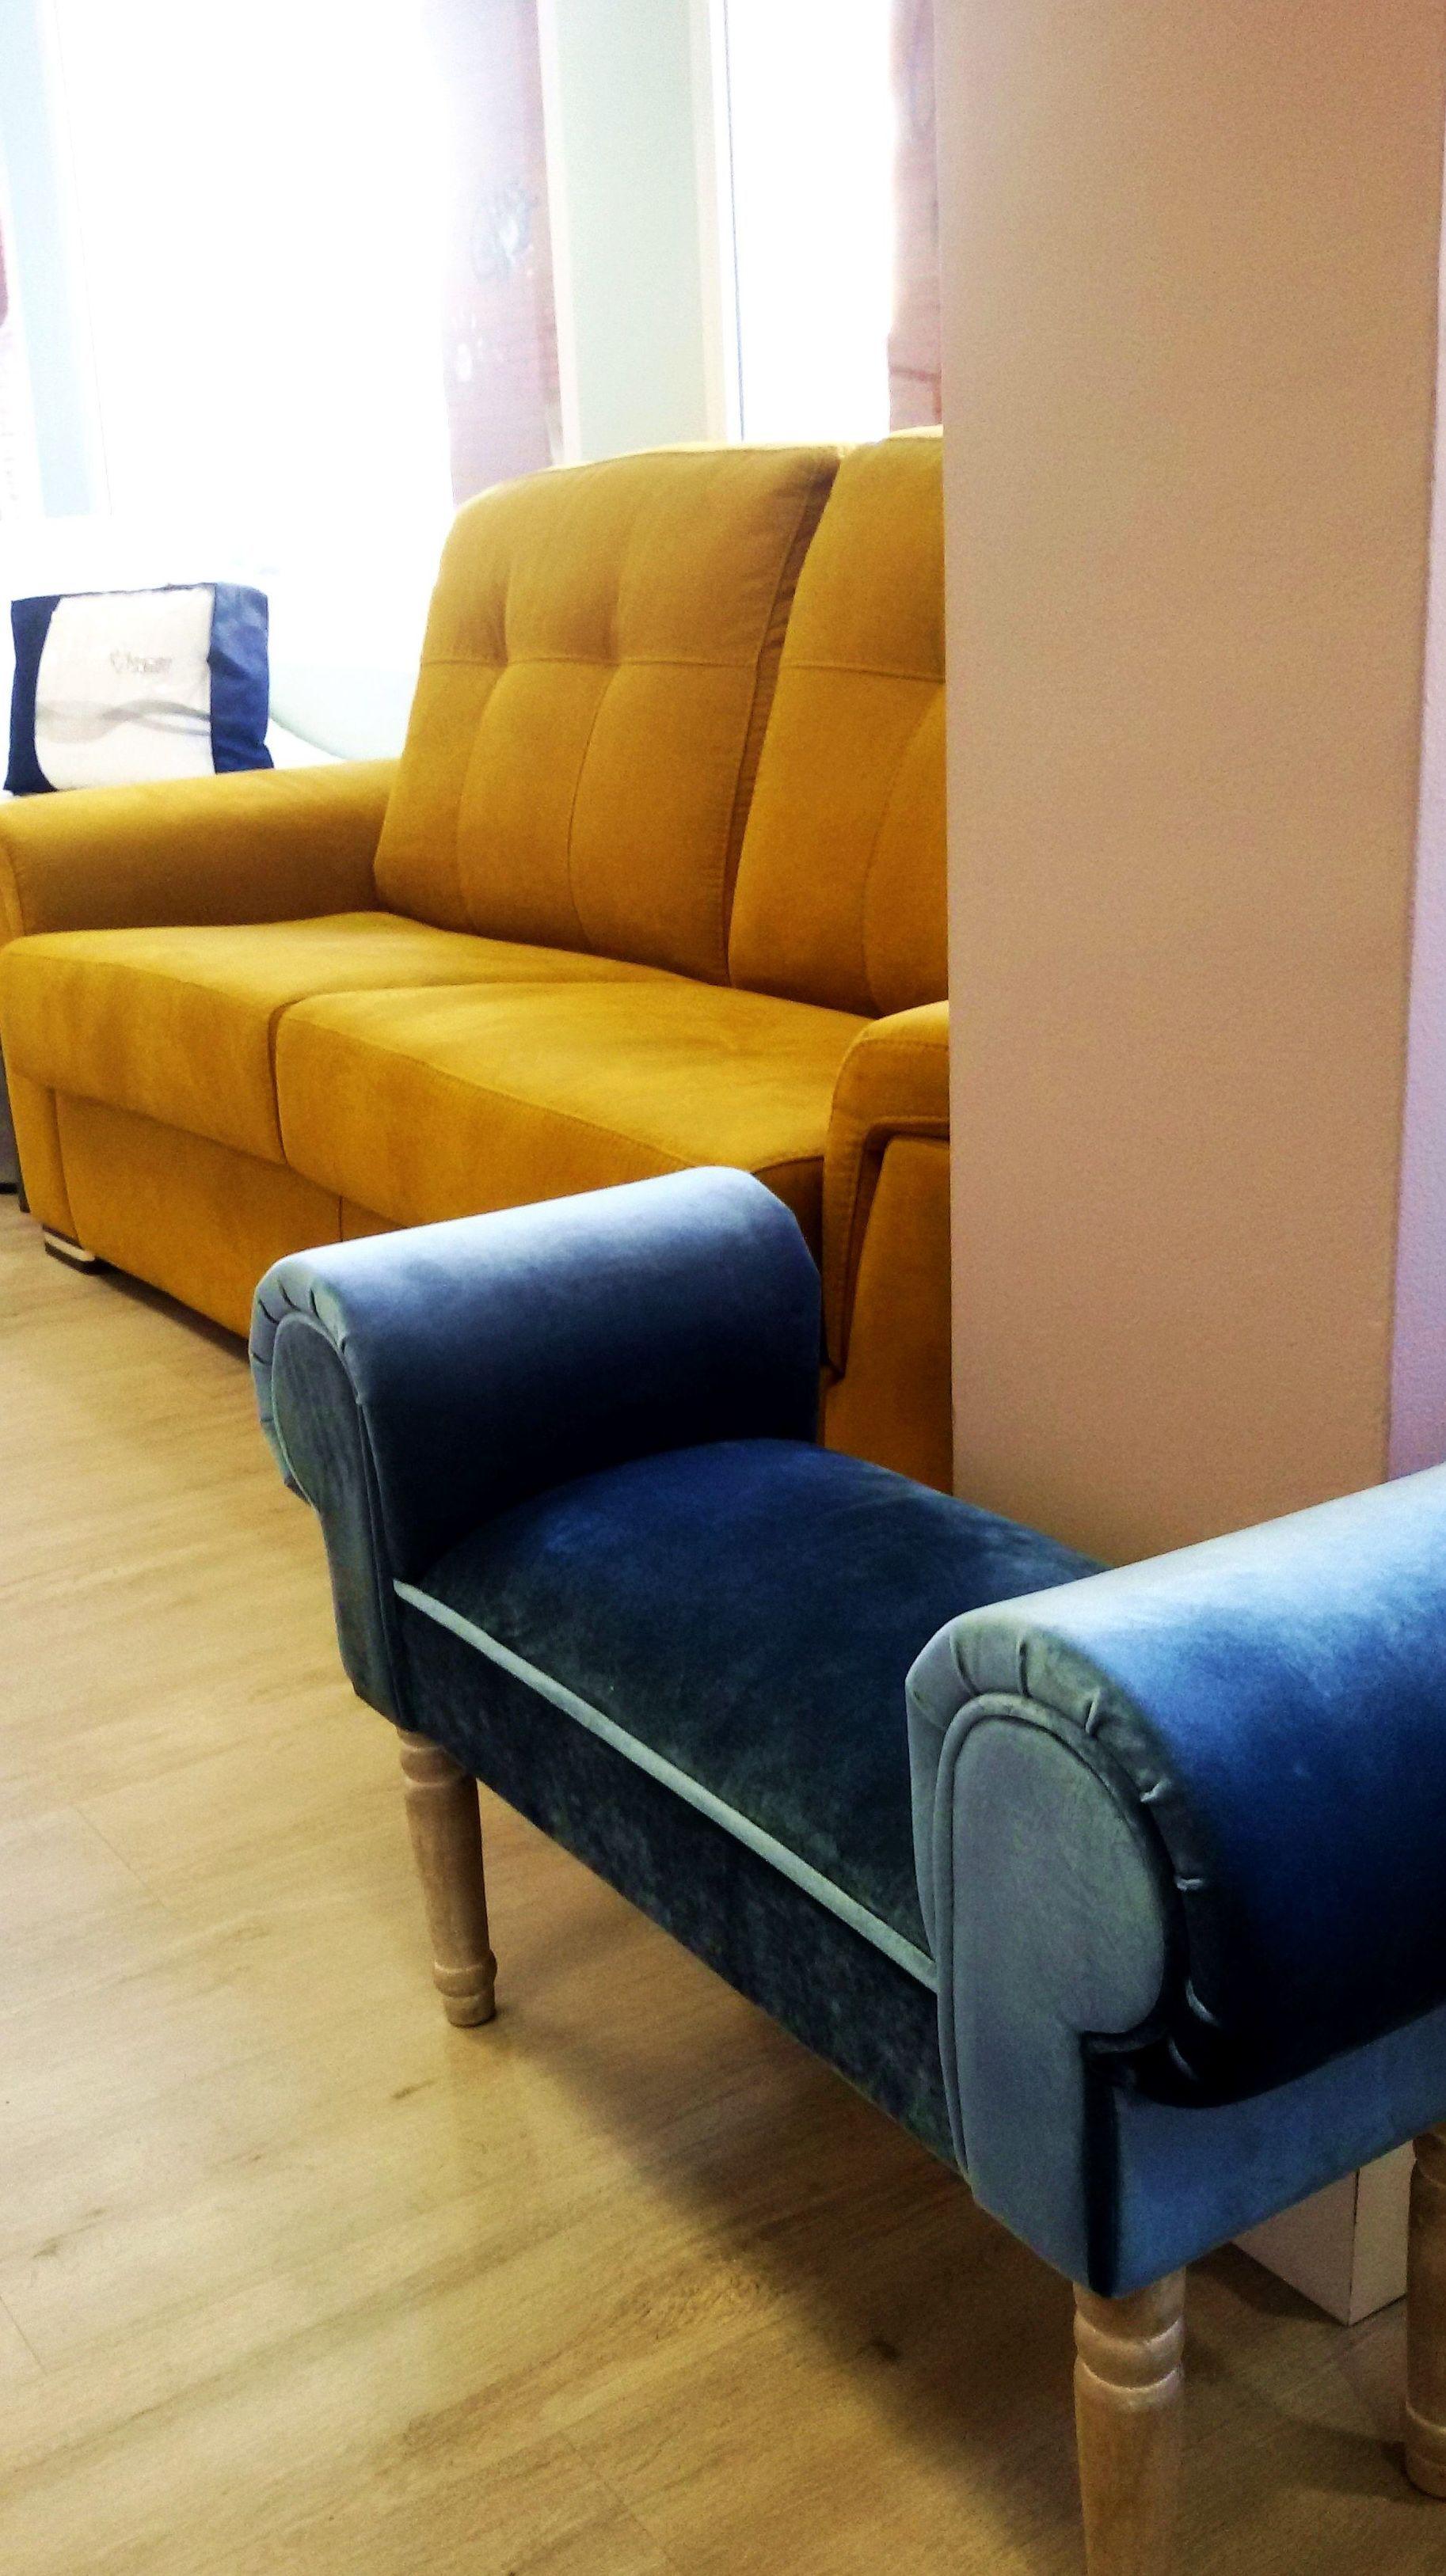 Tiendas de muebles economicos en madrid muebles oligom - Muebles para restaurar madrid ...